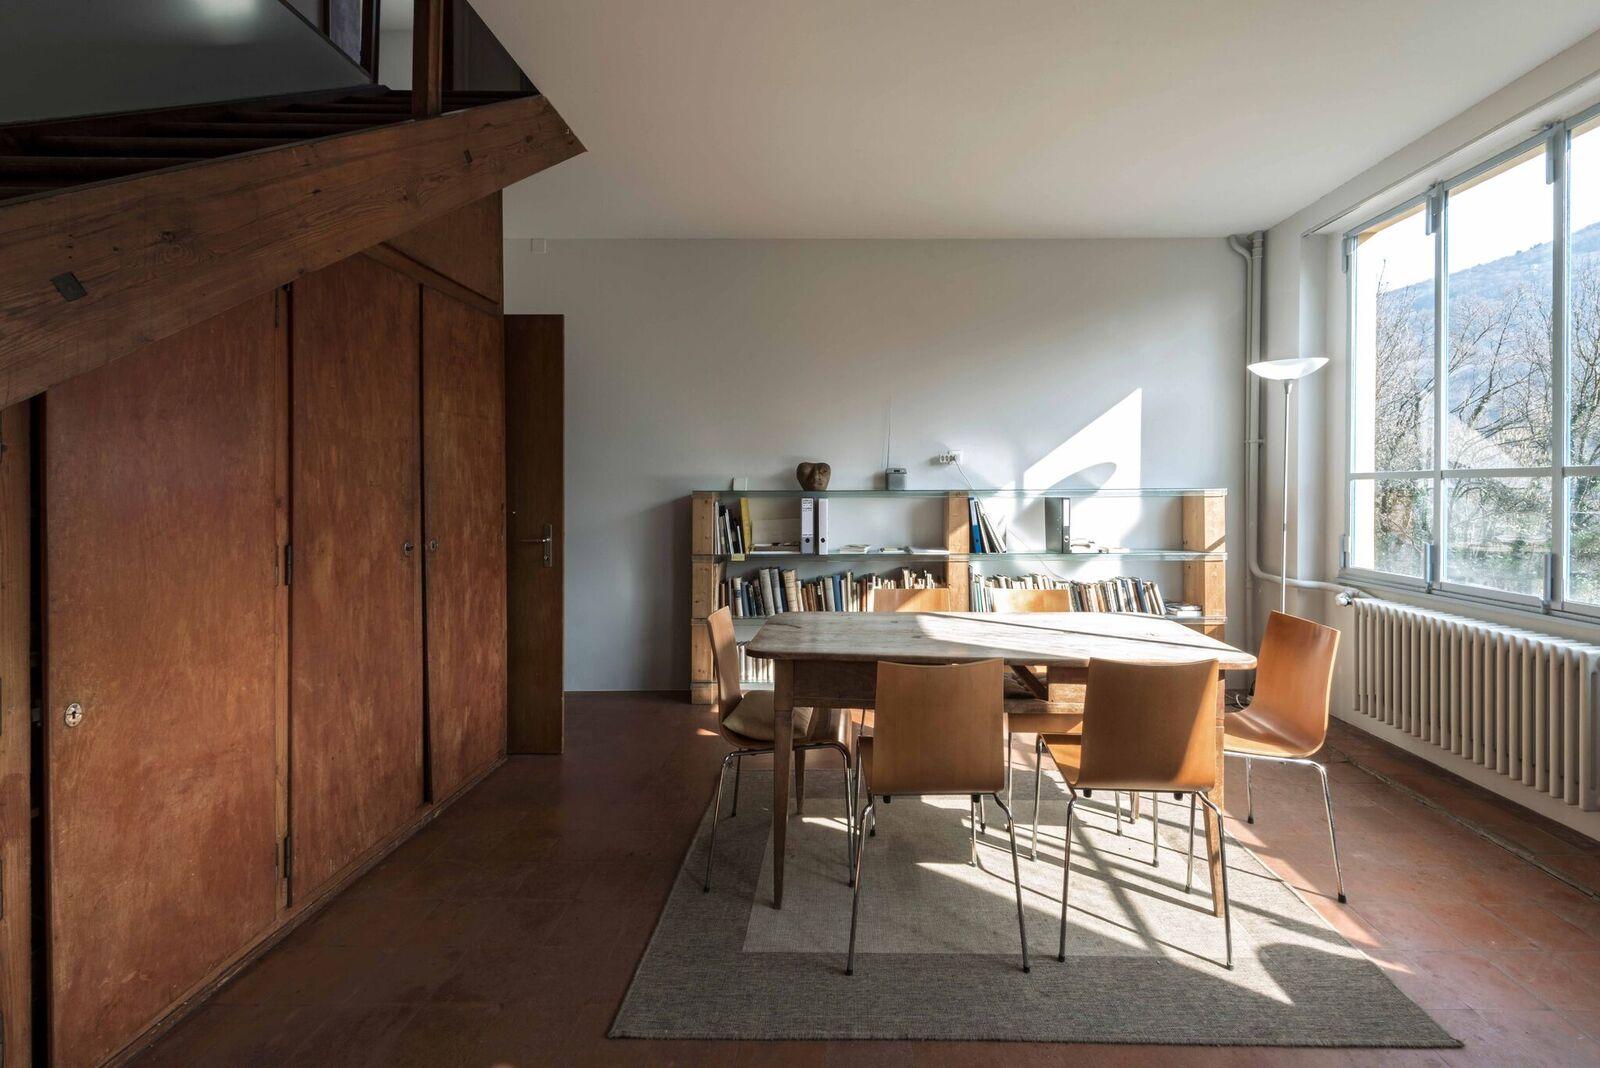 """Wohnzimmer """"Casa Sciaredo"""" in Barbengo, Lugano (Foto Claudio Bader)"""